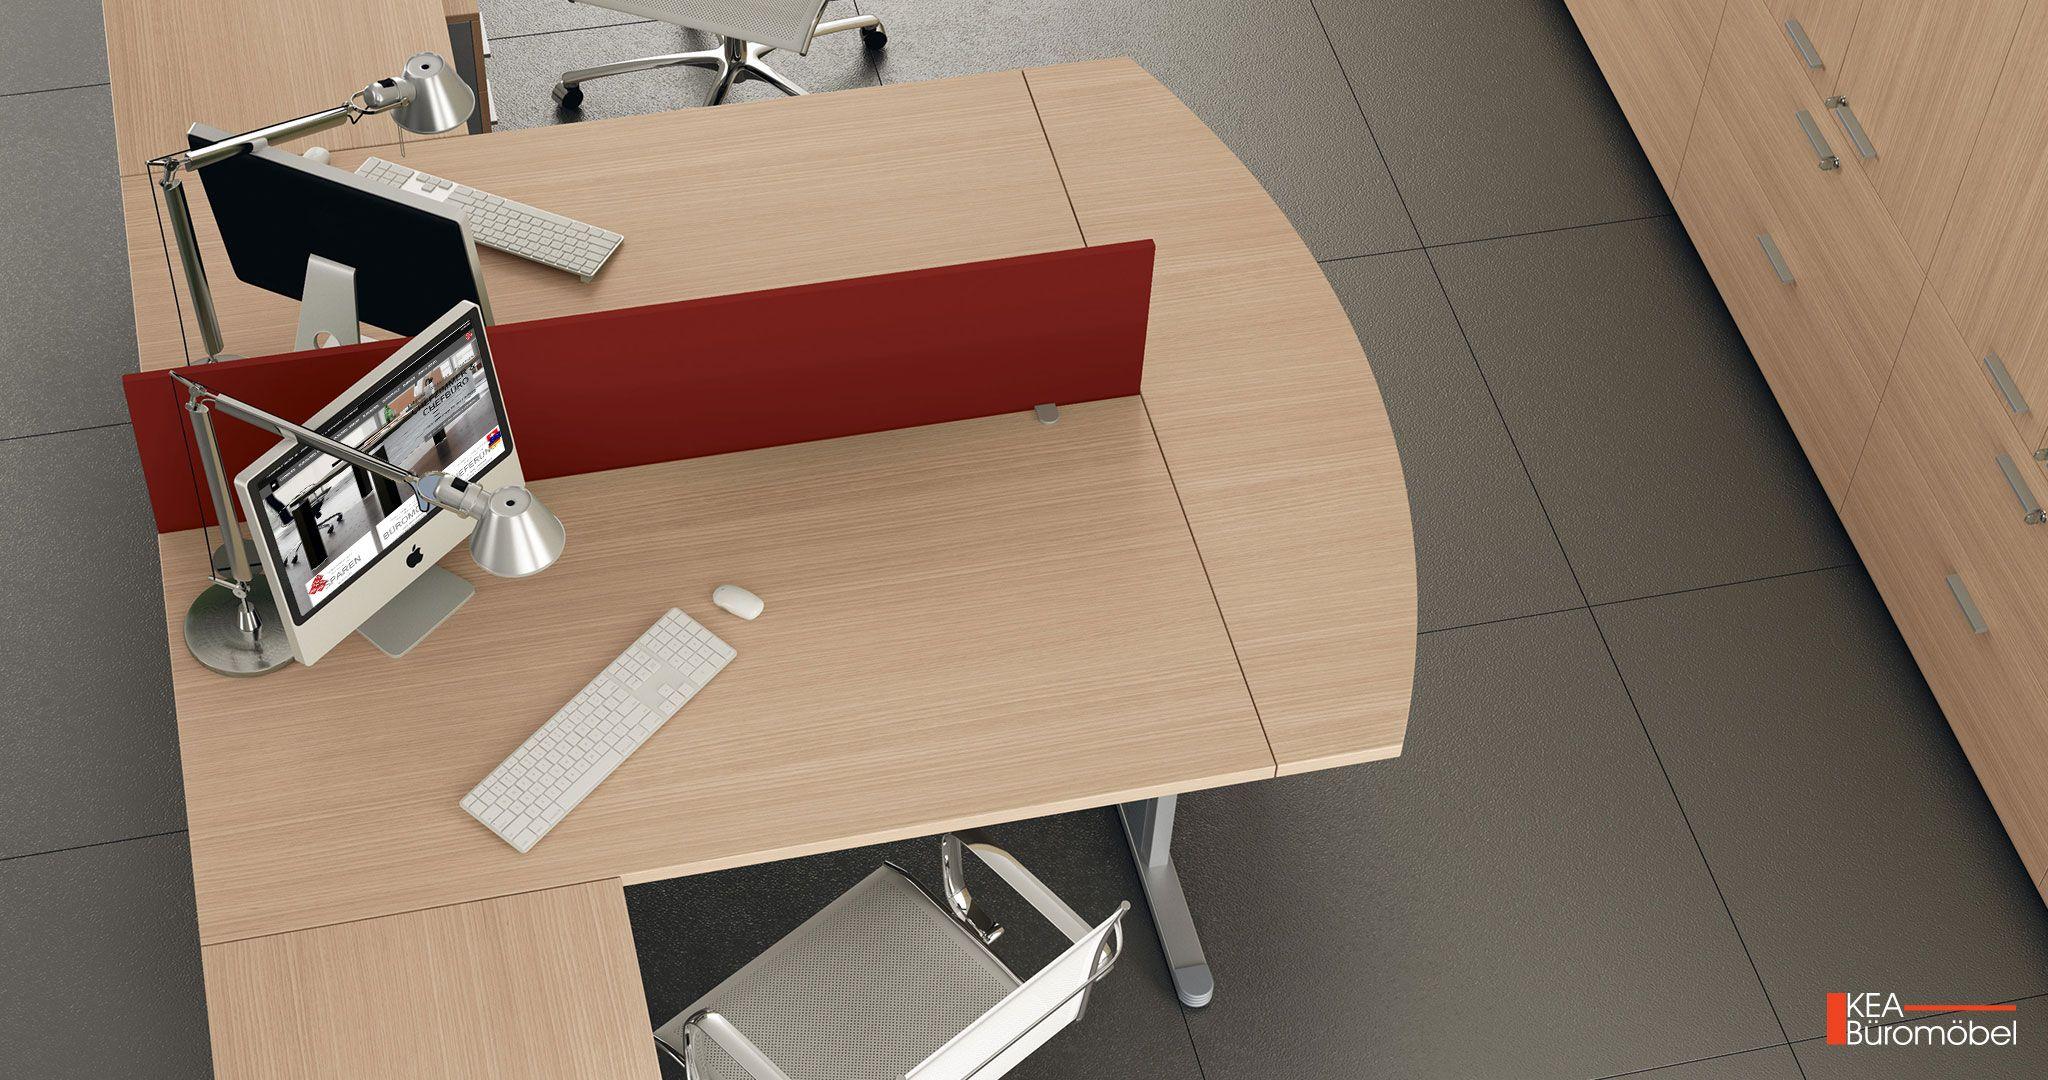 Kea Schreibtisch Kea Doppelarbeitsplatz mit Kea Sichtschutzblende und Kea Computerhalter Frei kombinierbar mit Kea Anstelltisch oder Kea Rollcontainer mit Schubladen